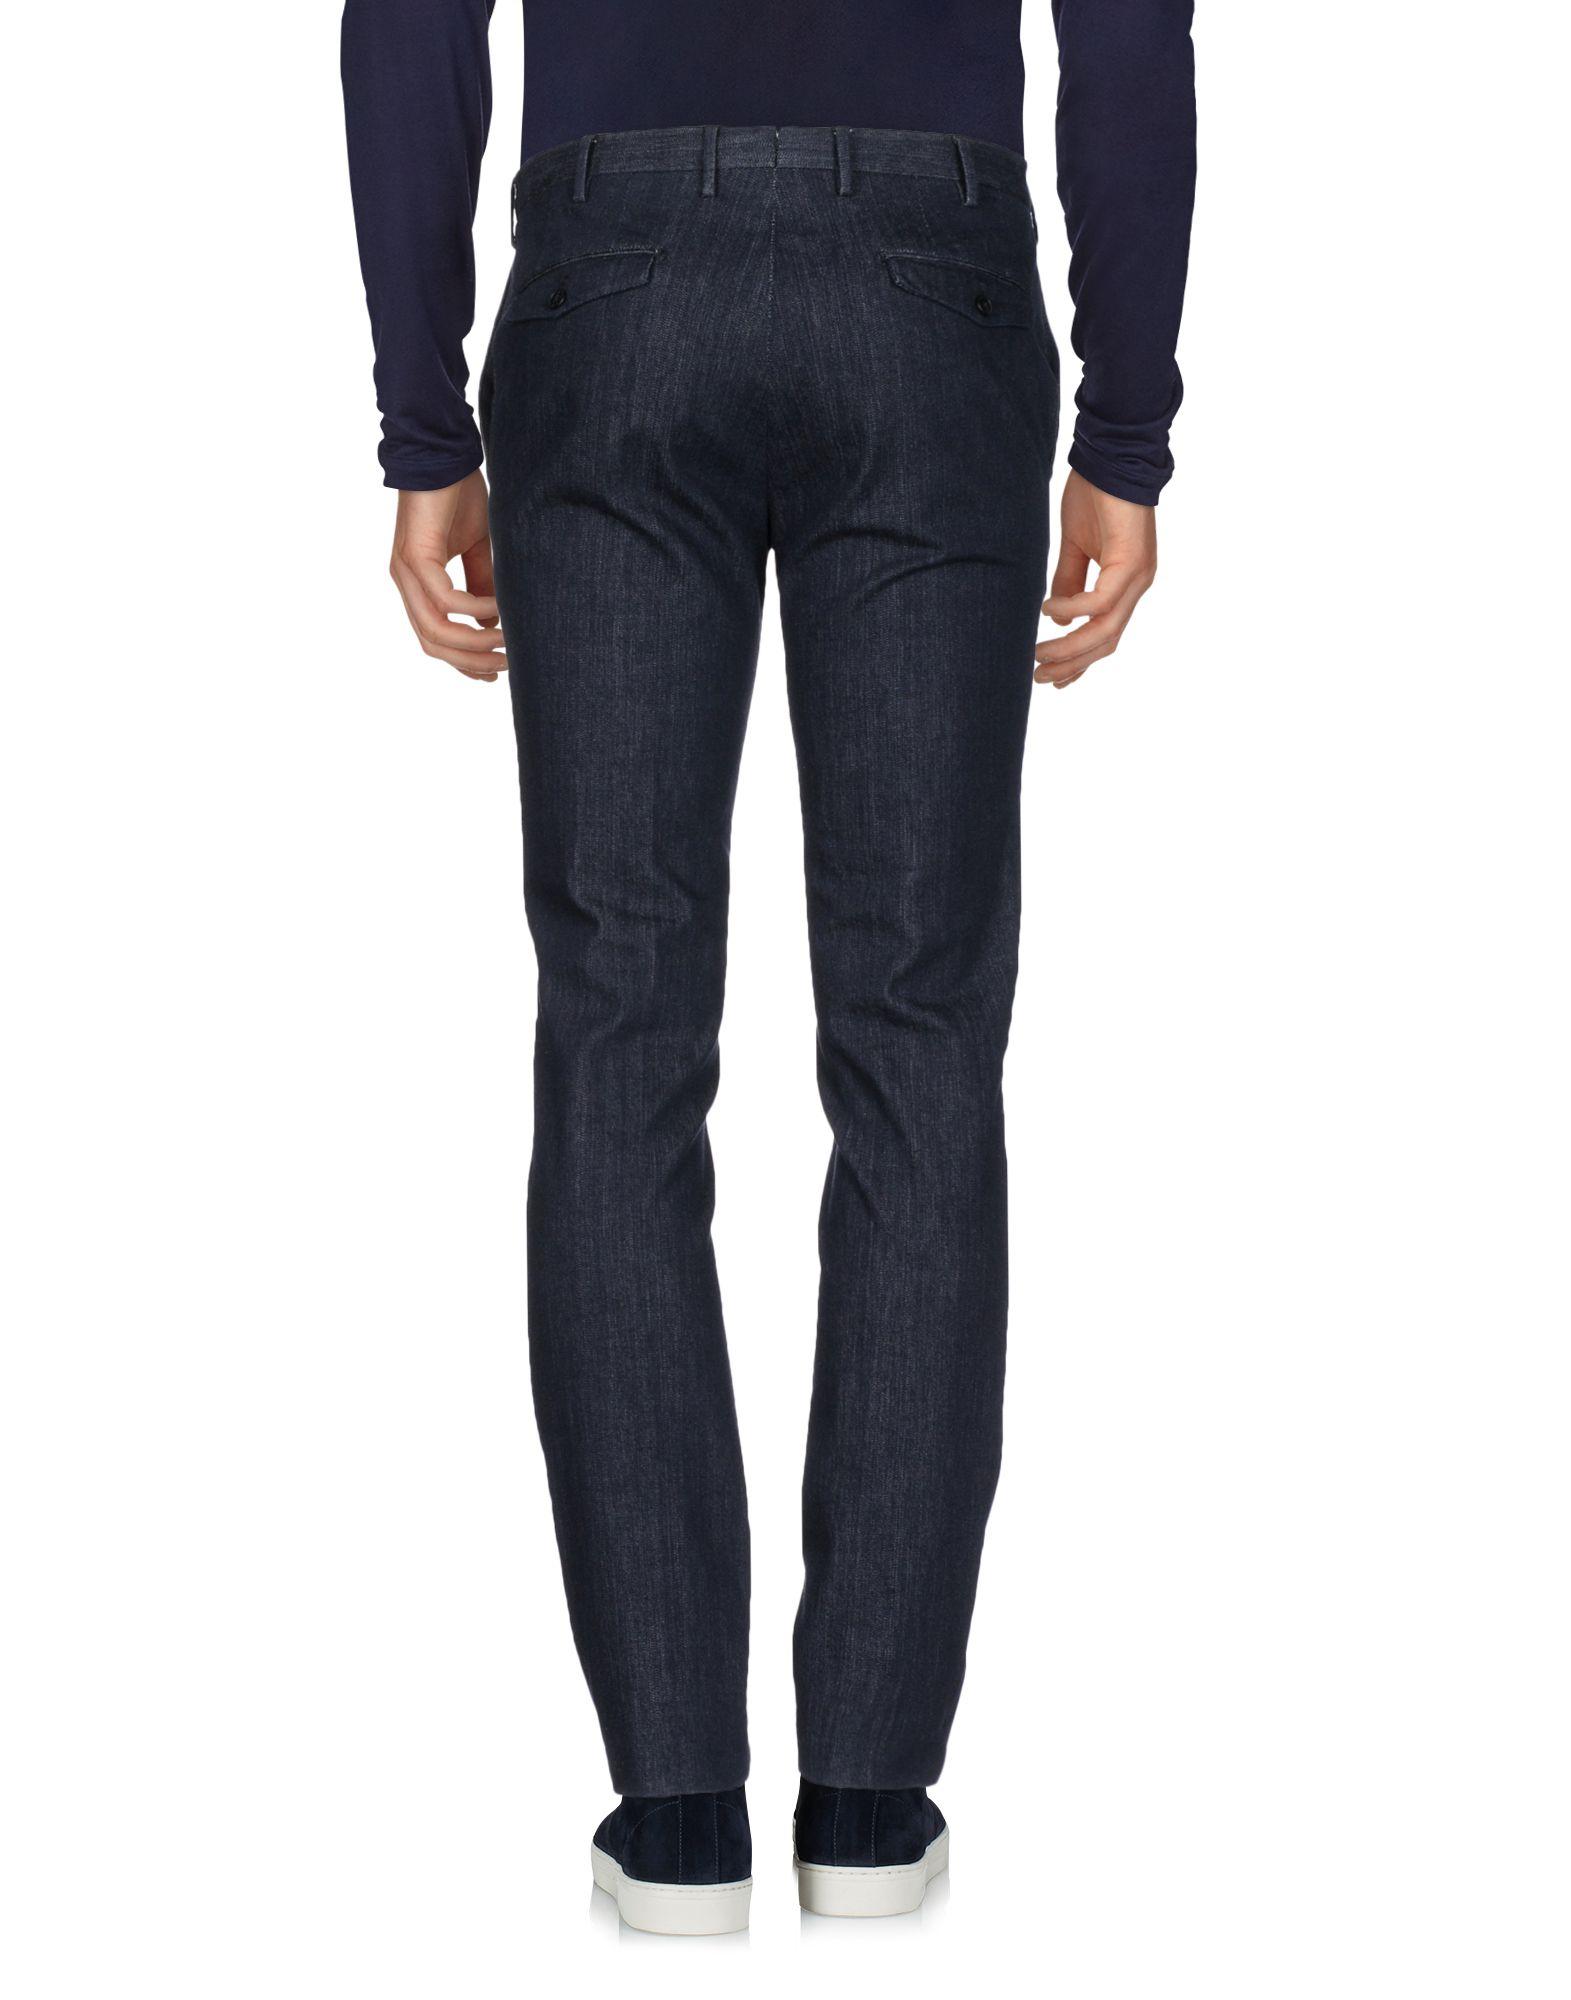 Pantaloni Pantaloni Pantaloni Jeans Pt01 Uomo - 42669955JO e2bad1